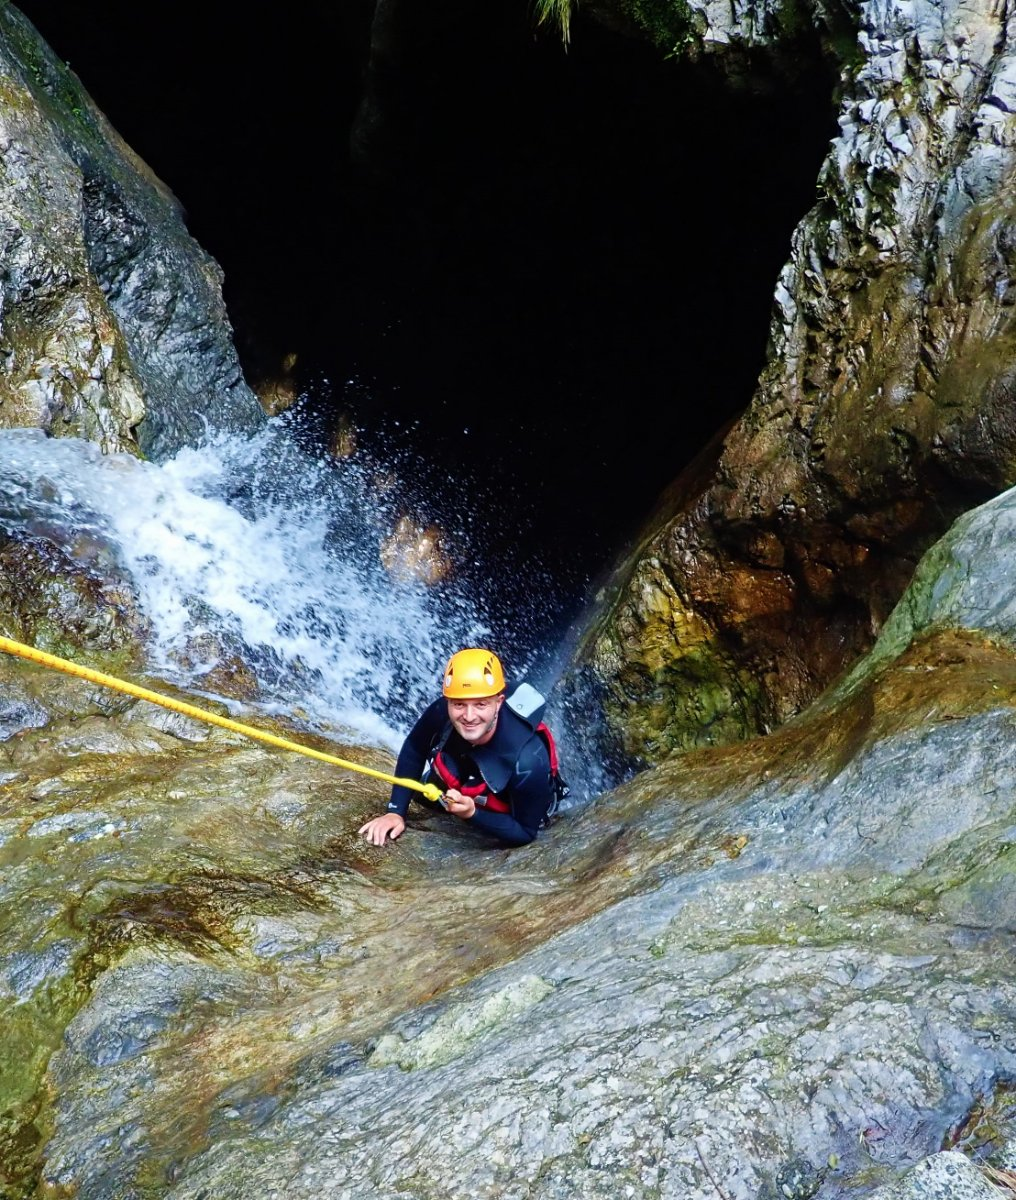 event-Canyoning Adrenalinico sulle Acque del Torrente Palvico - POMERIGGIO